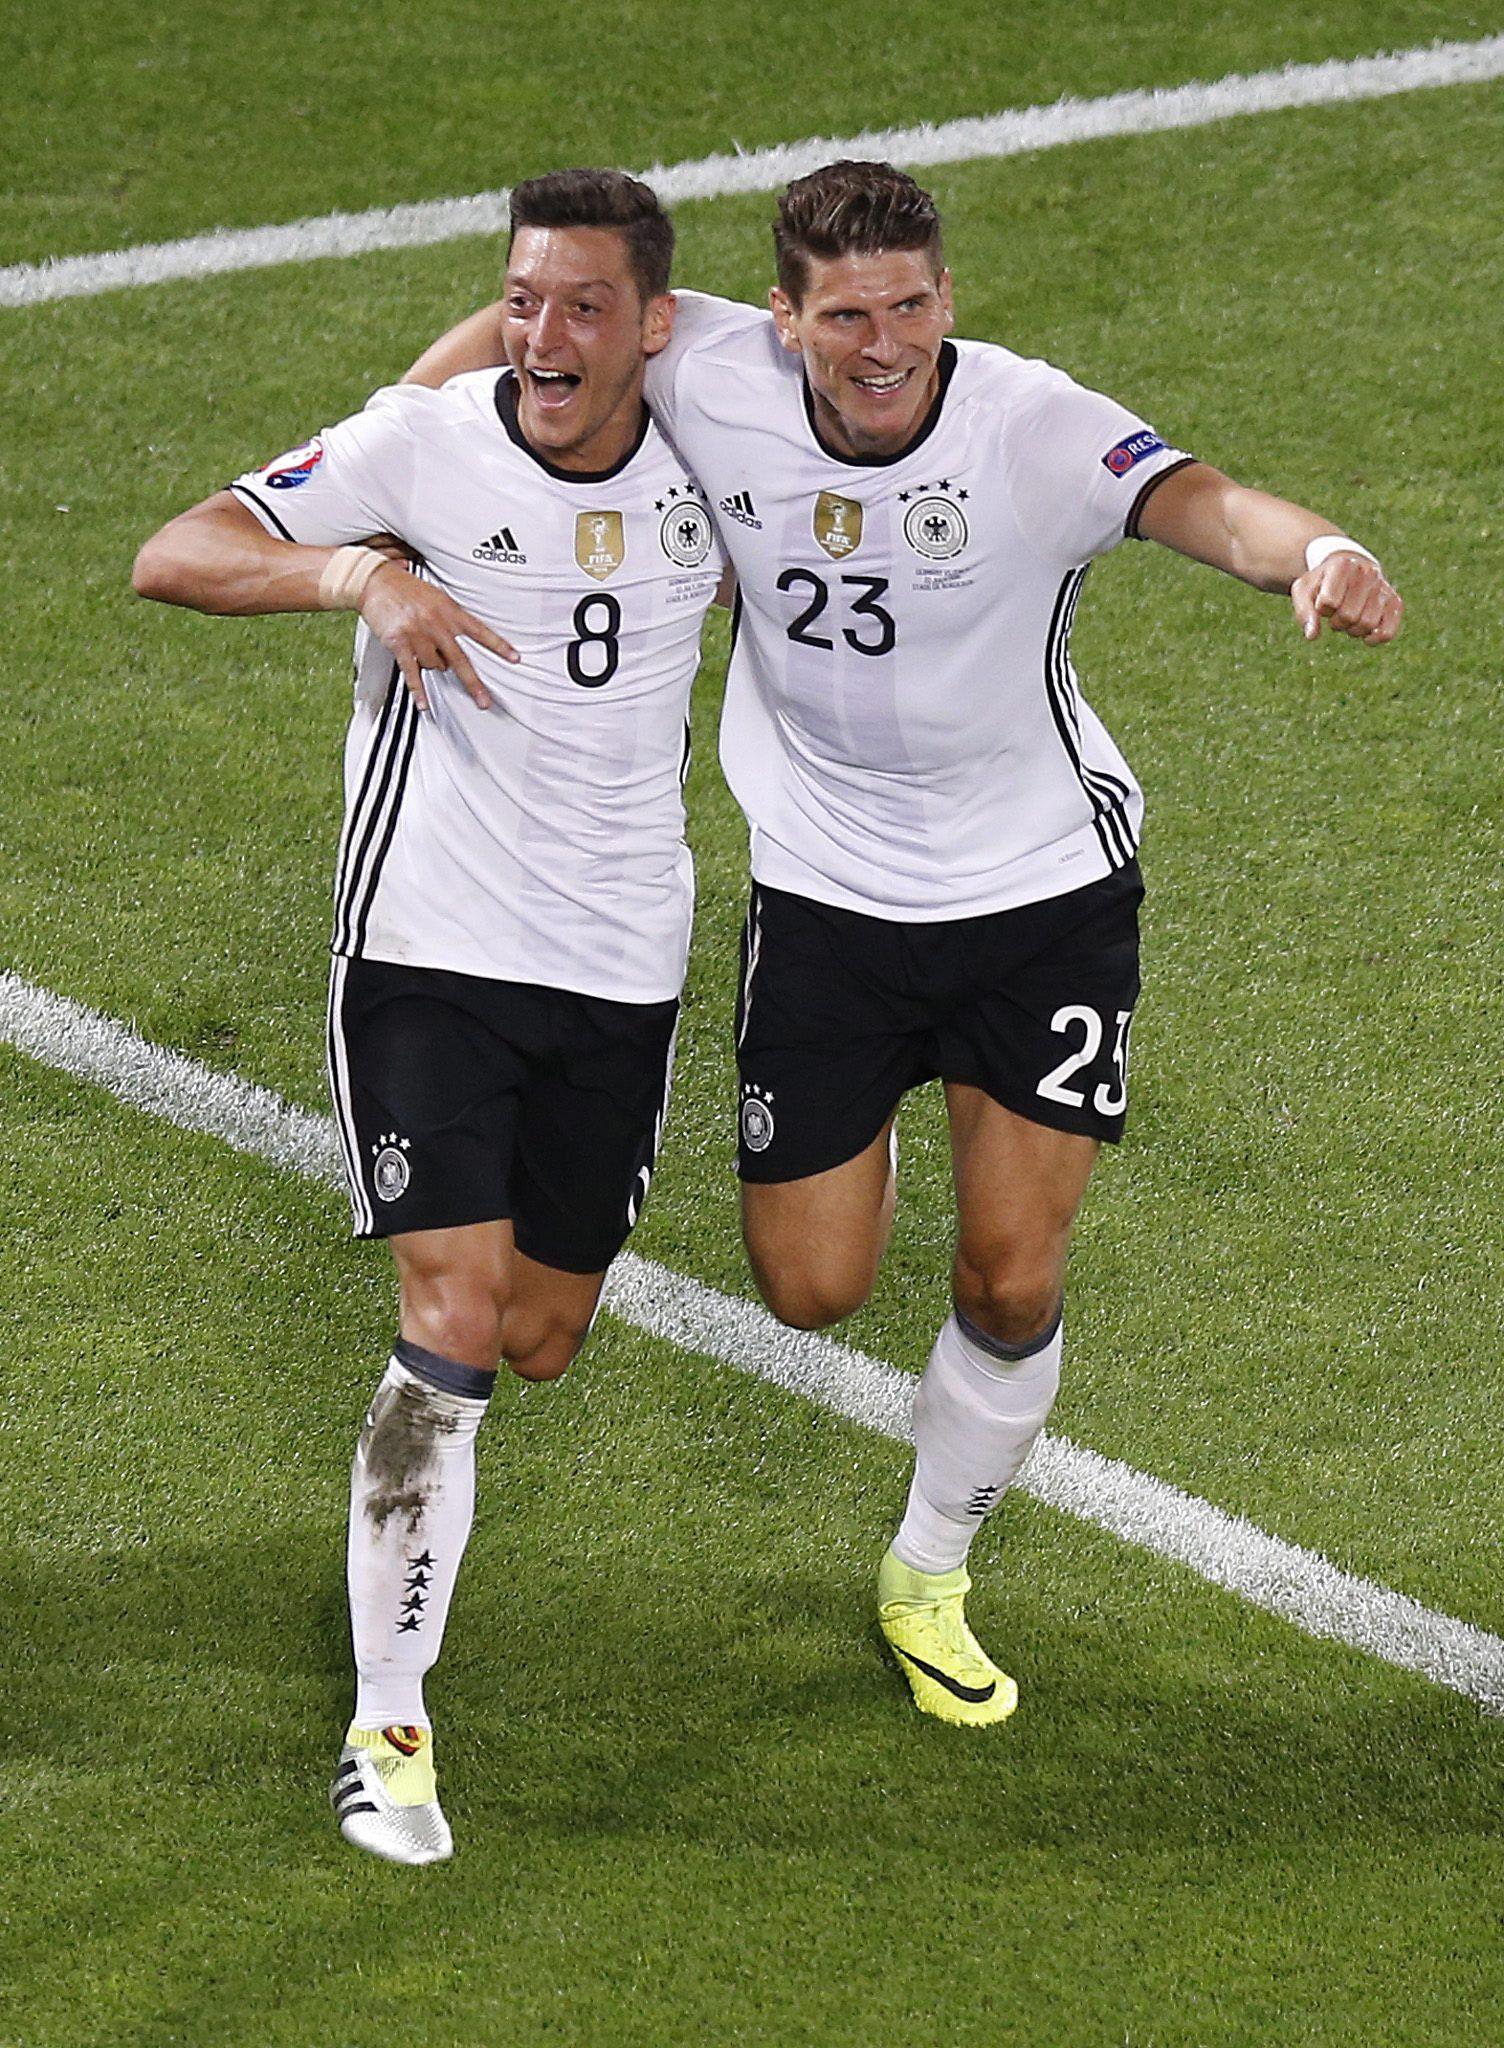 EURO 2016 - Quarter final Germany vs Italy